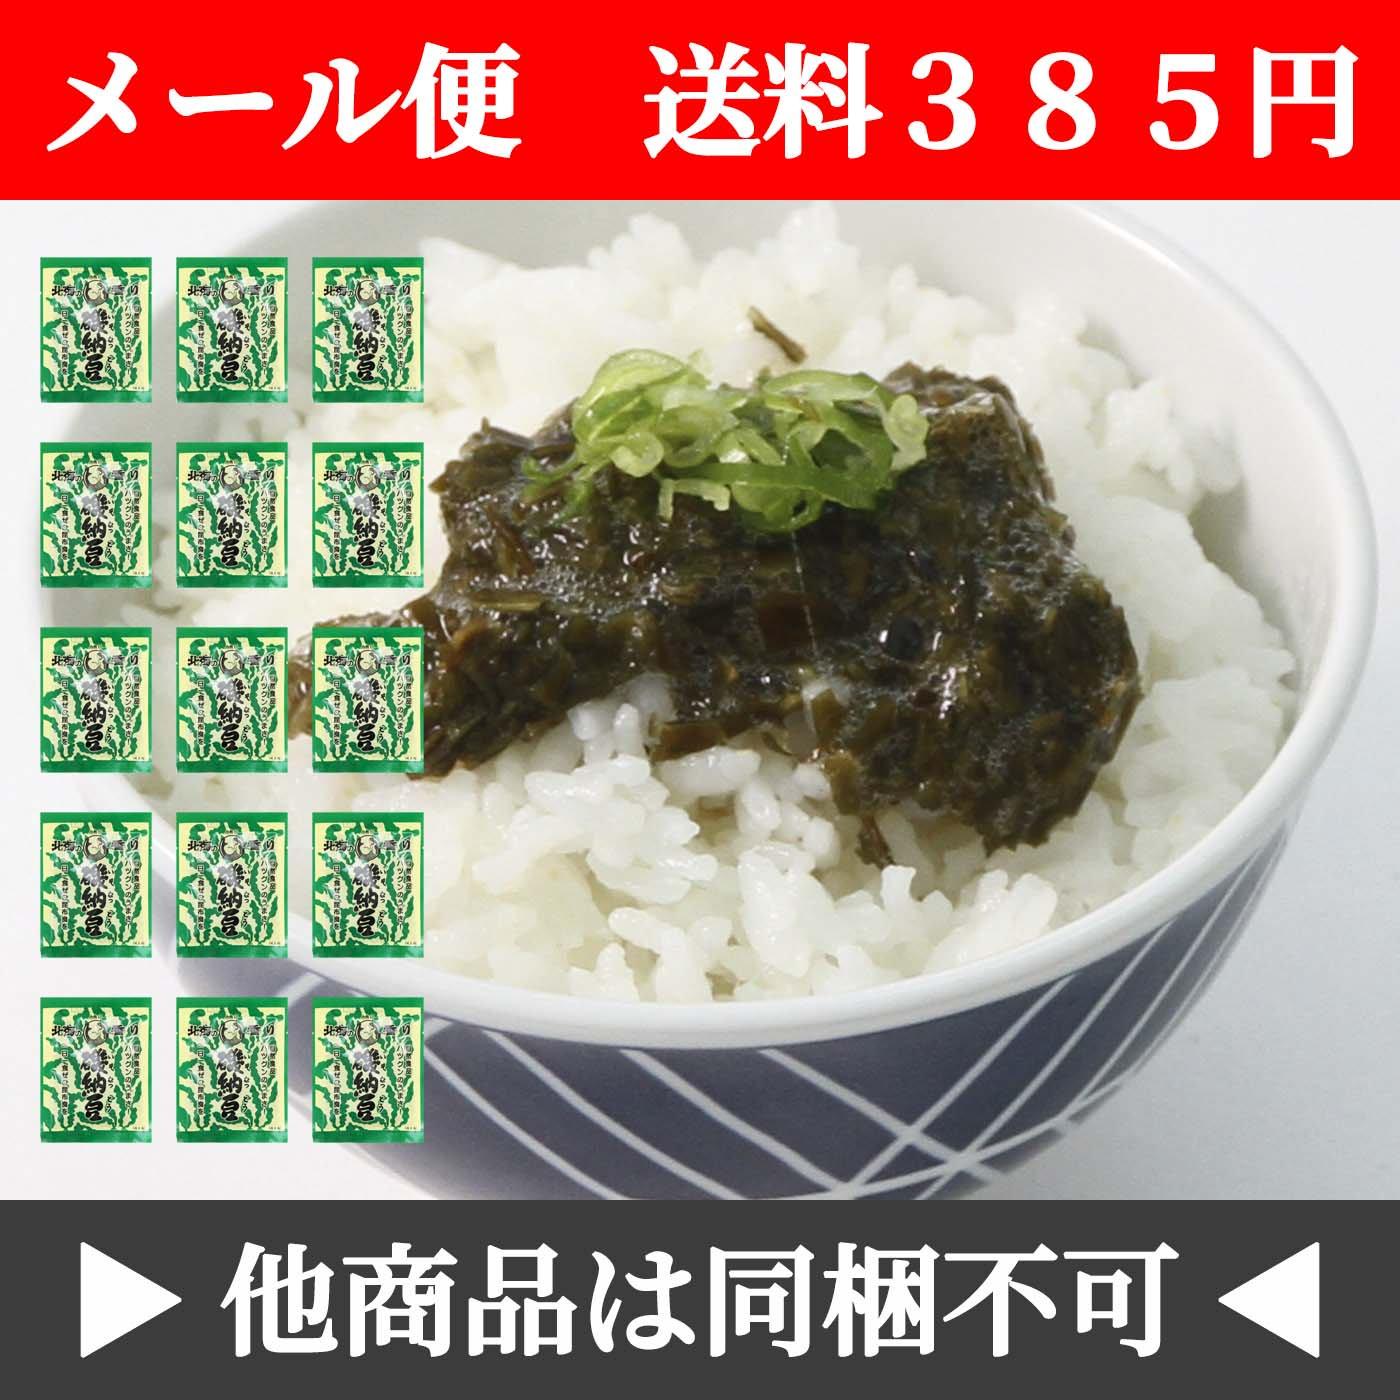 【メール便】磯納豆 15袋セット